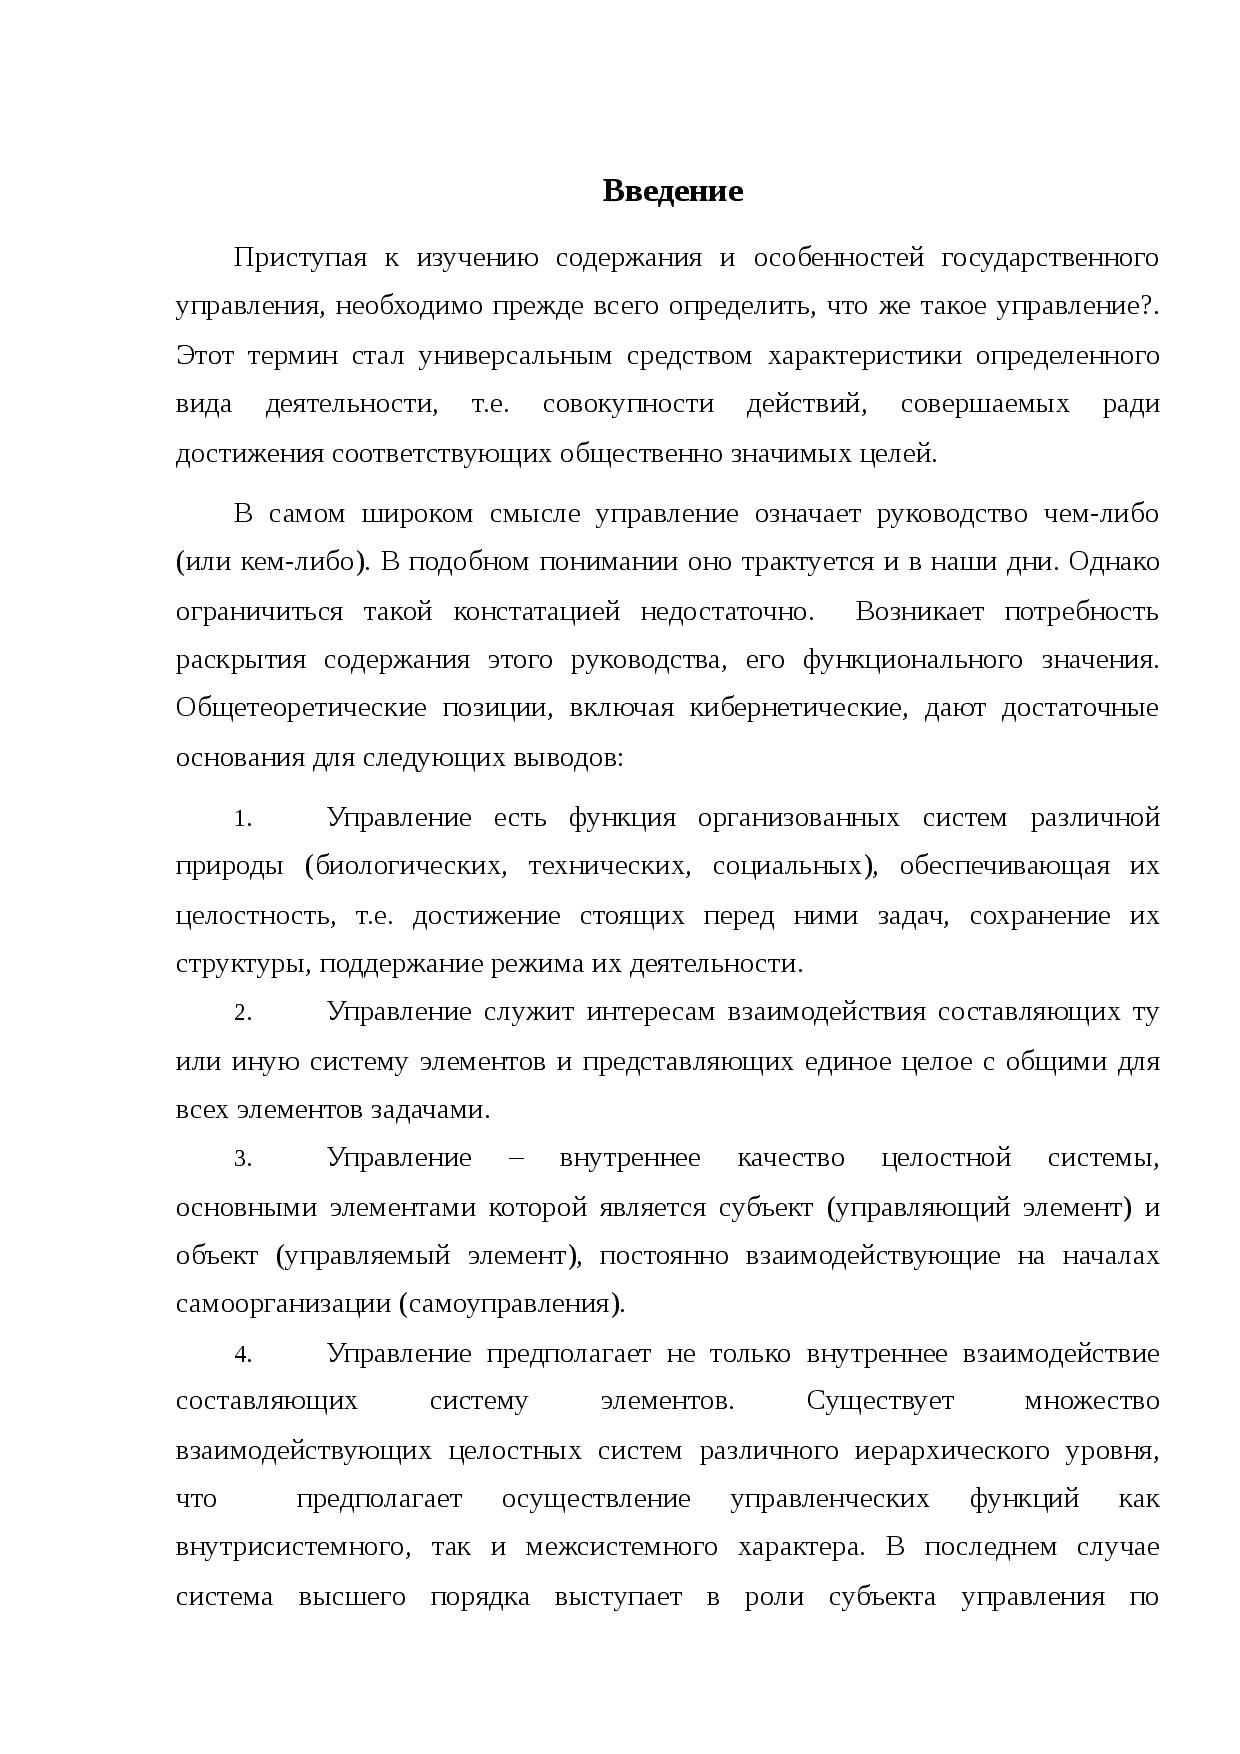 2.6. объект и субъект управления - менеджмент